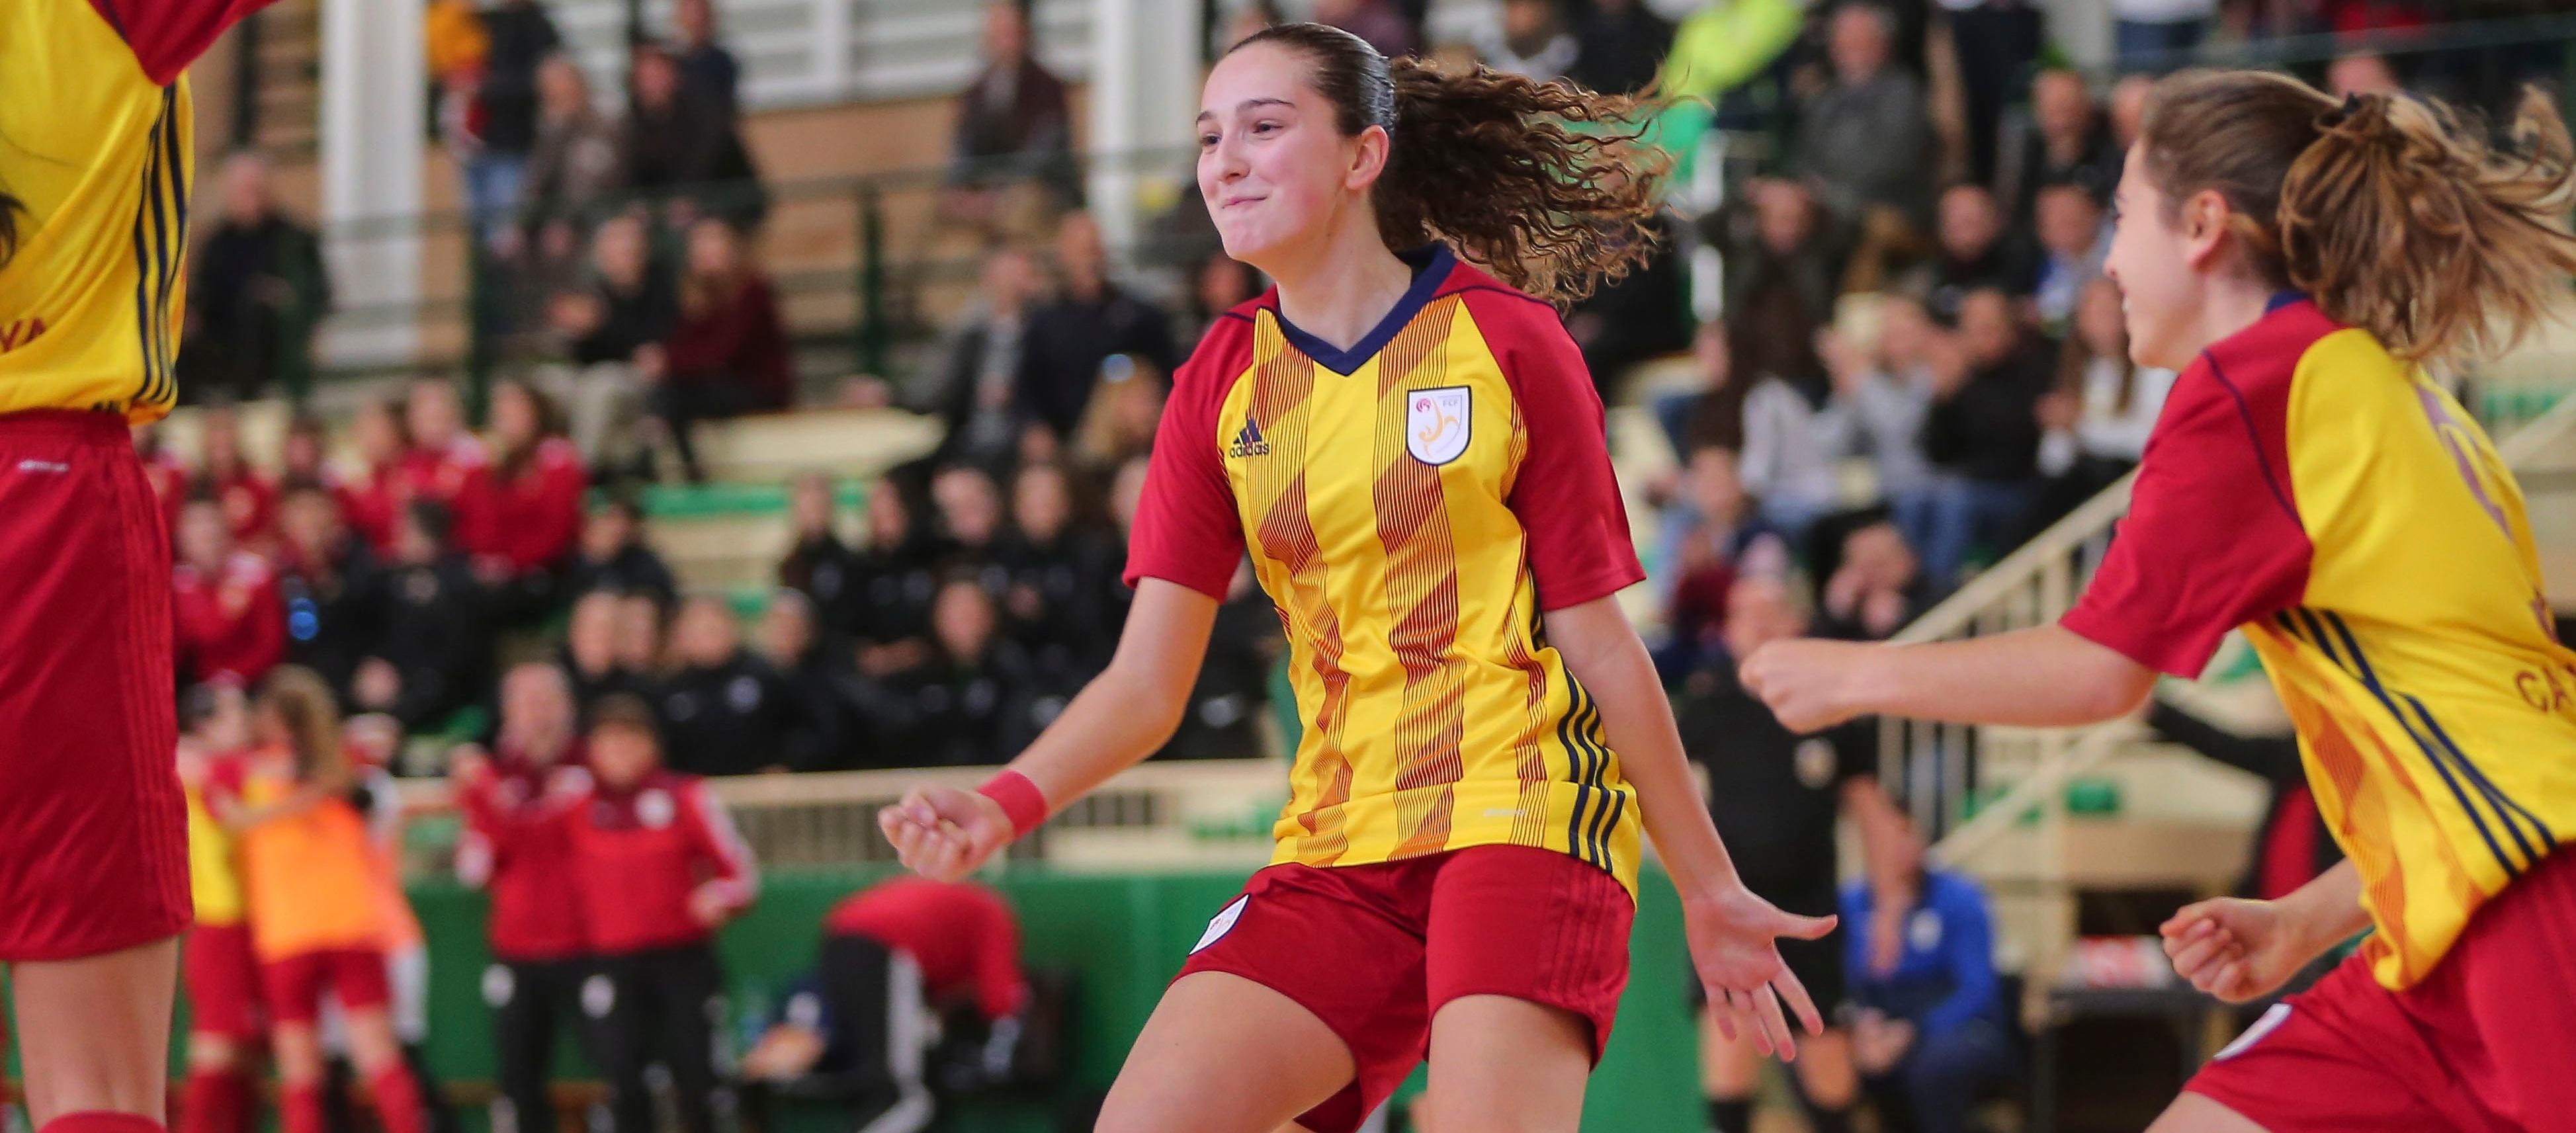 Cinc catalanes convocades amb la Selecció Espanyola sub 21 i sub 19 femenina de futbol sala